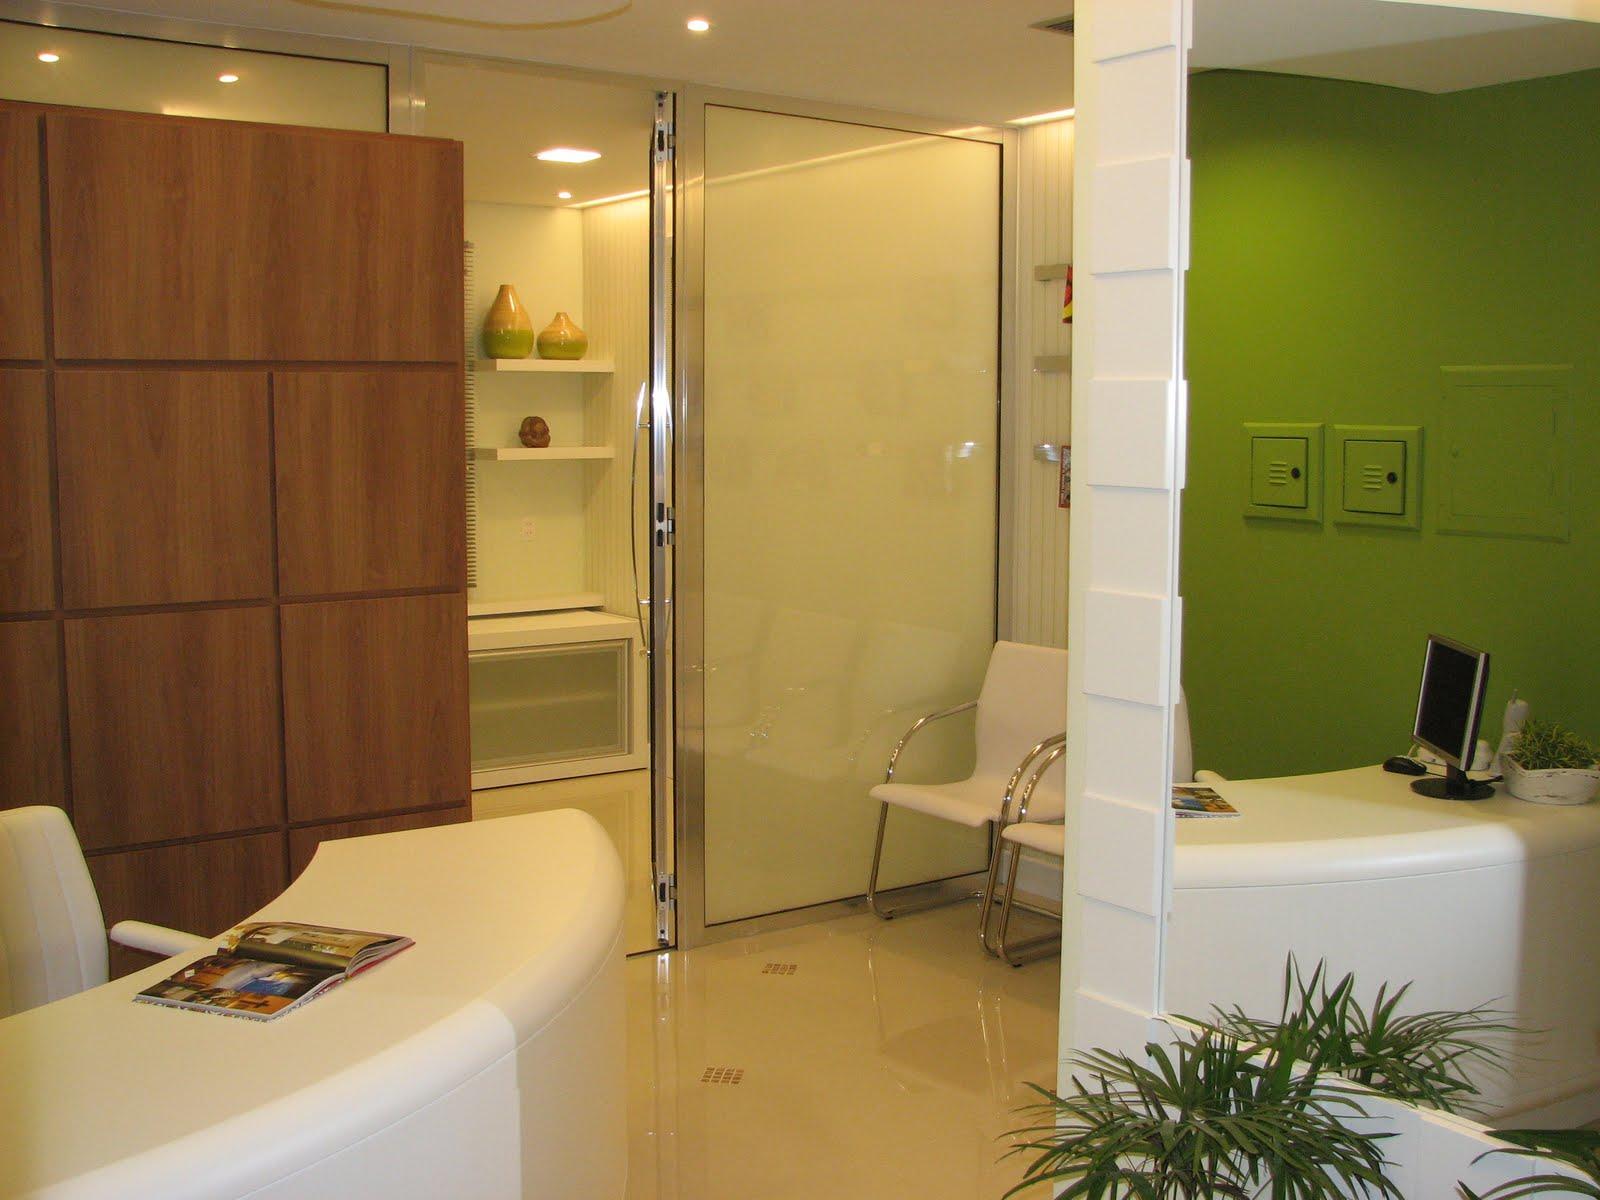 #515A15 rg.s arquitetura: Consultório de Nutrição 920 Onde Comprar Janelas De Aluminio Em Porto Alegre